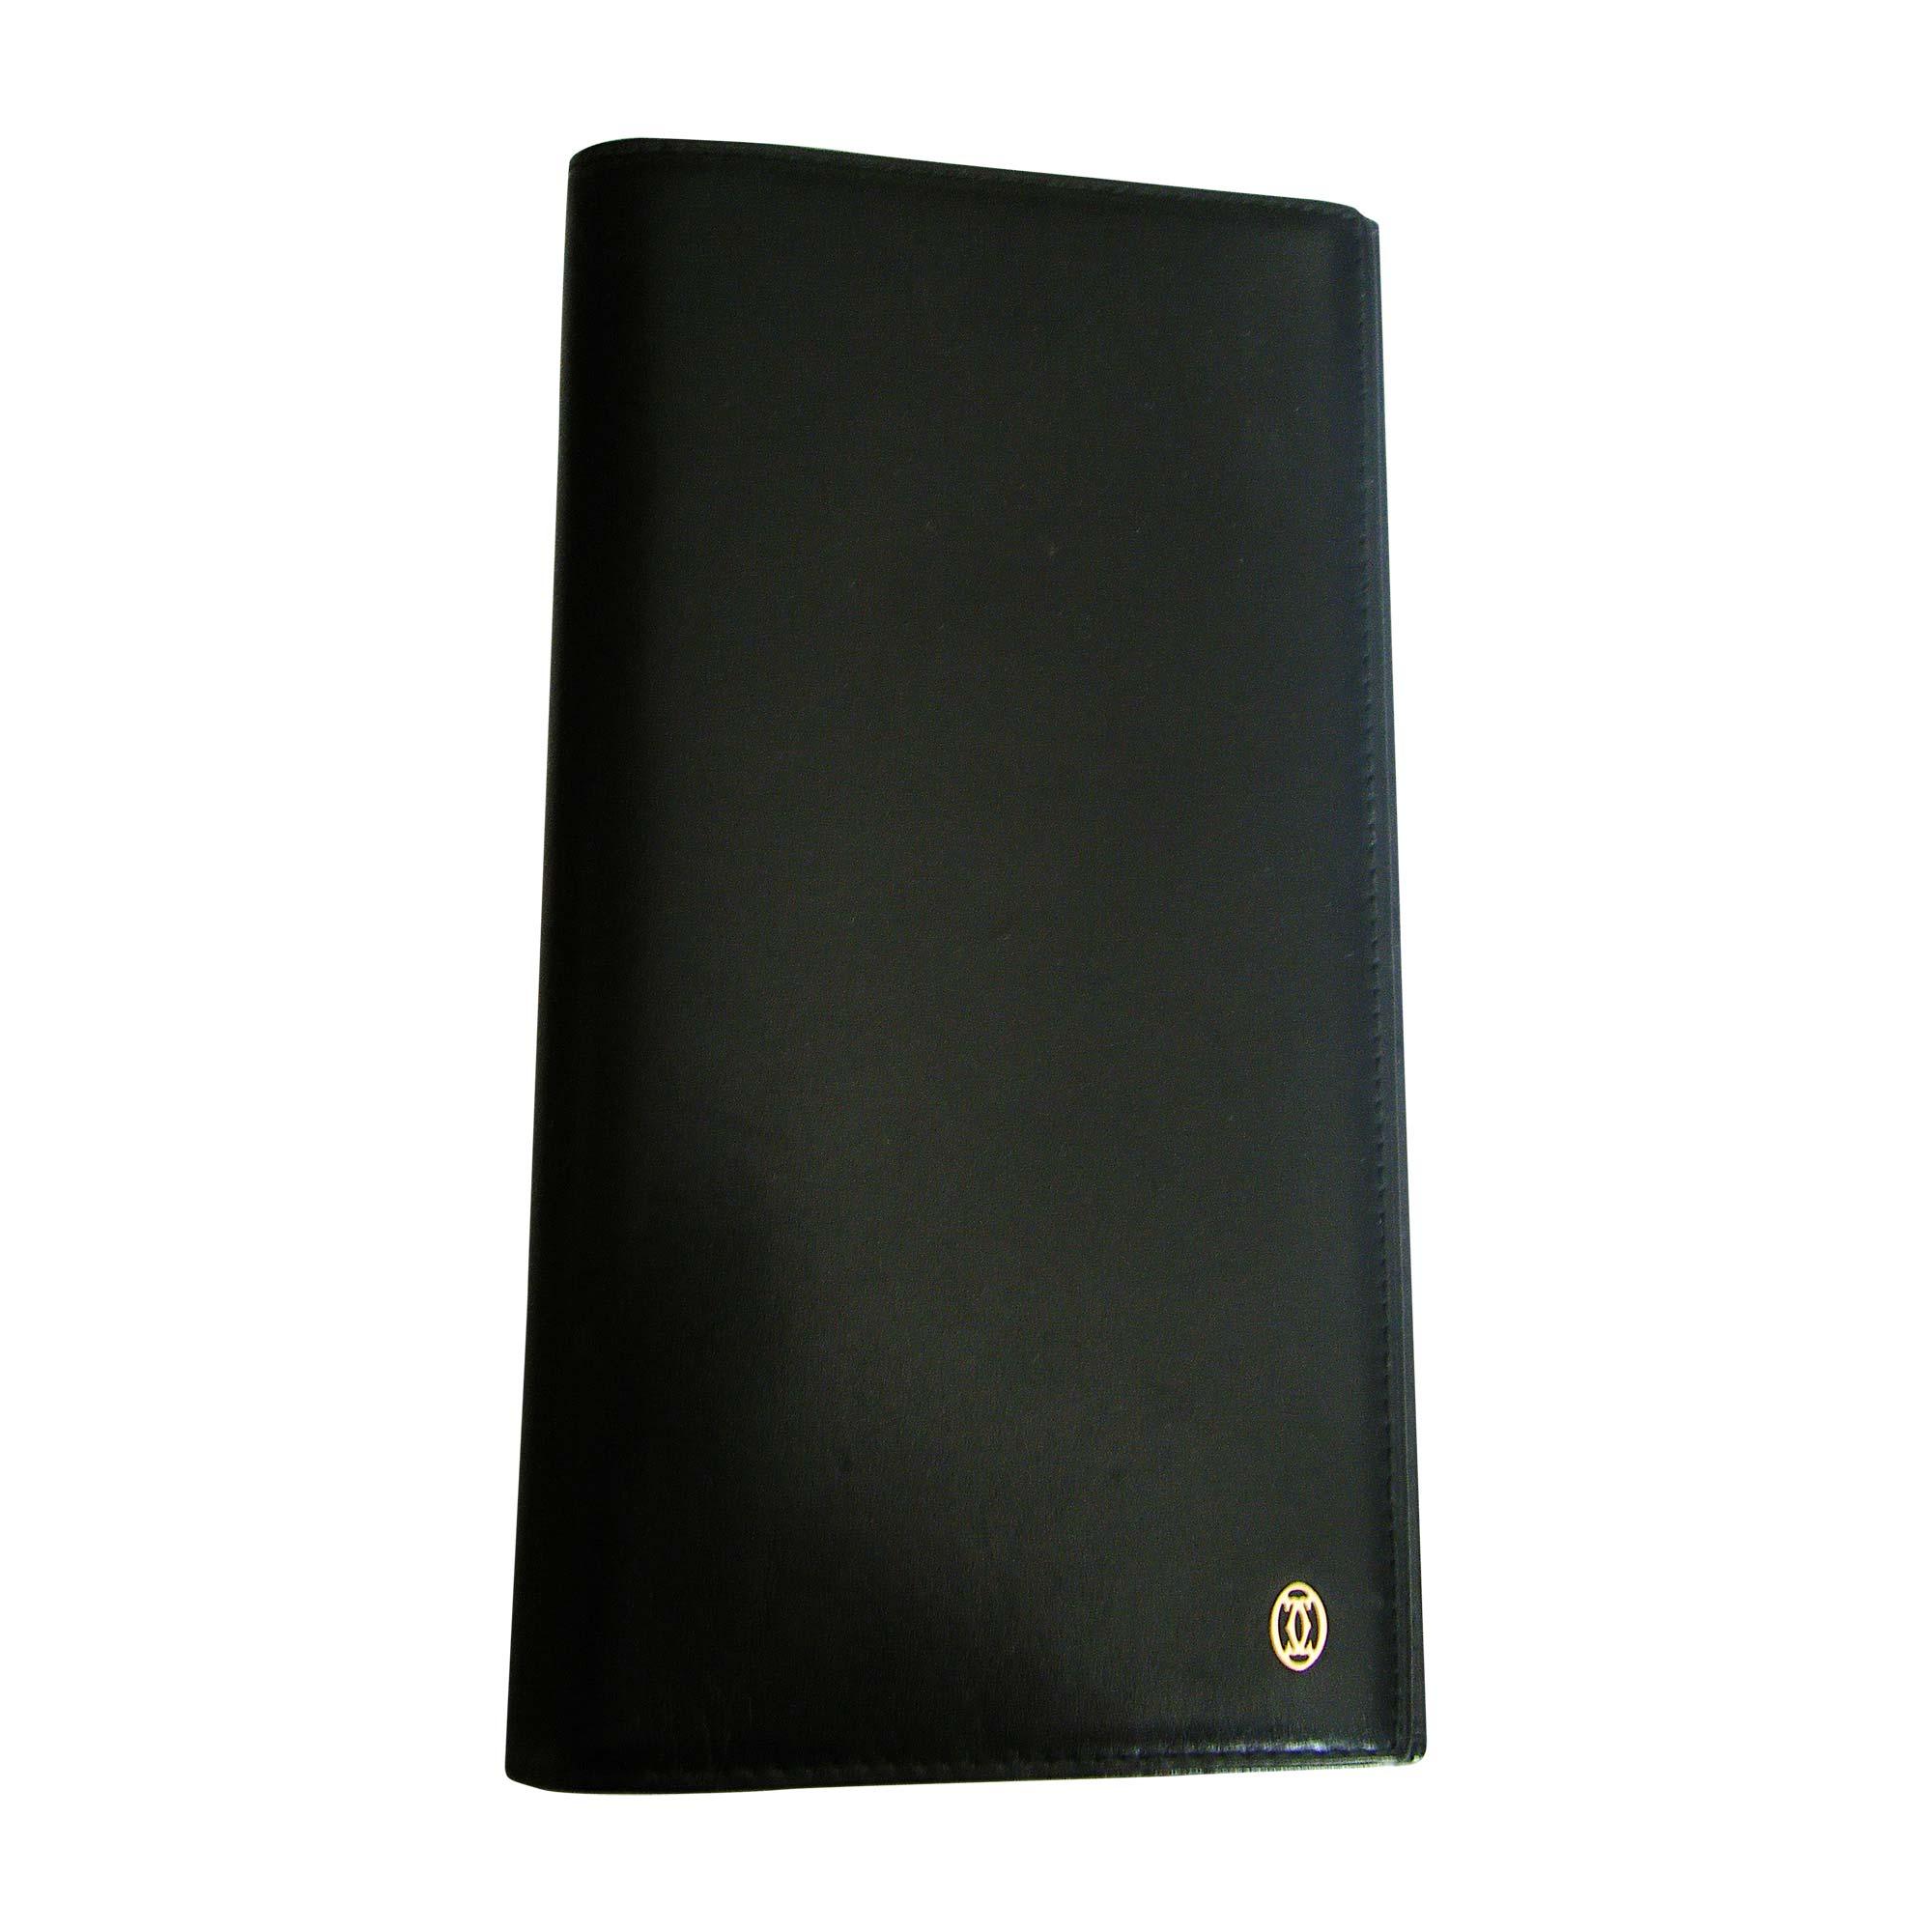 760e0c7a11 Porta libretto assegni CARTIER nero - 6065898